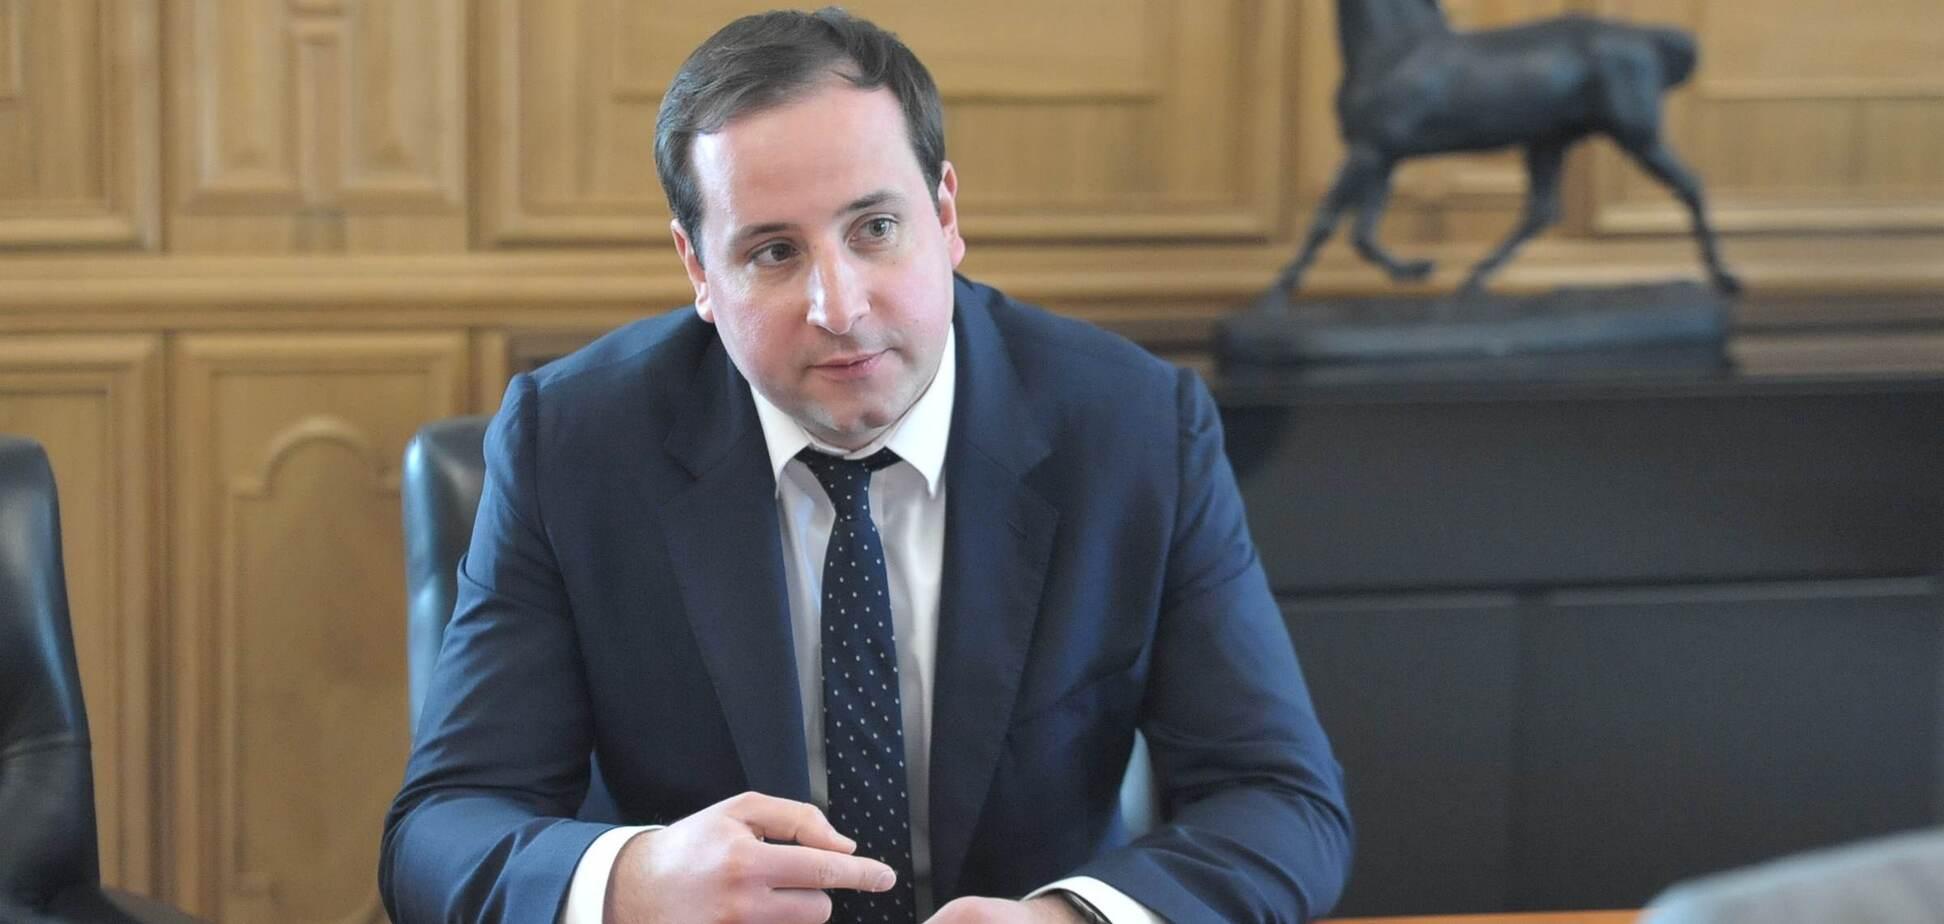 Саєнко розповів, як будуть перевіряти місцеву владу